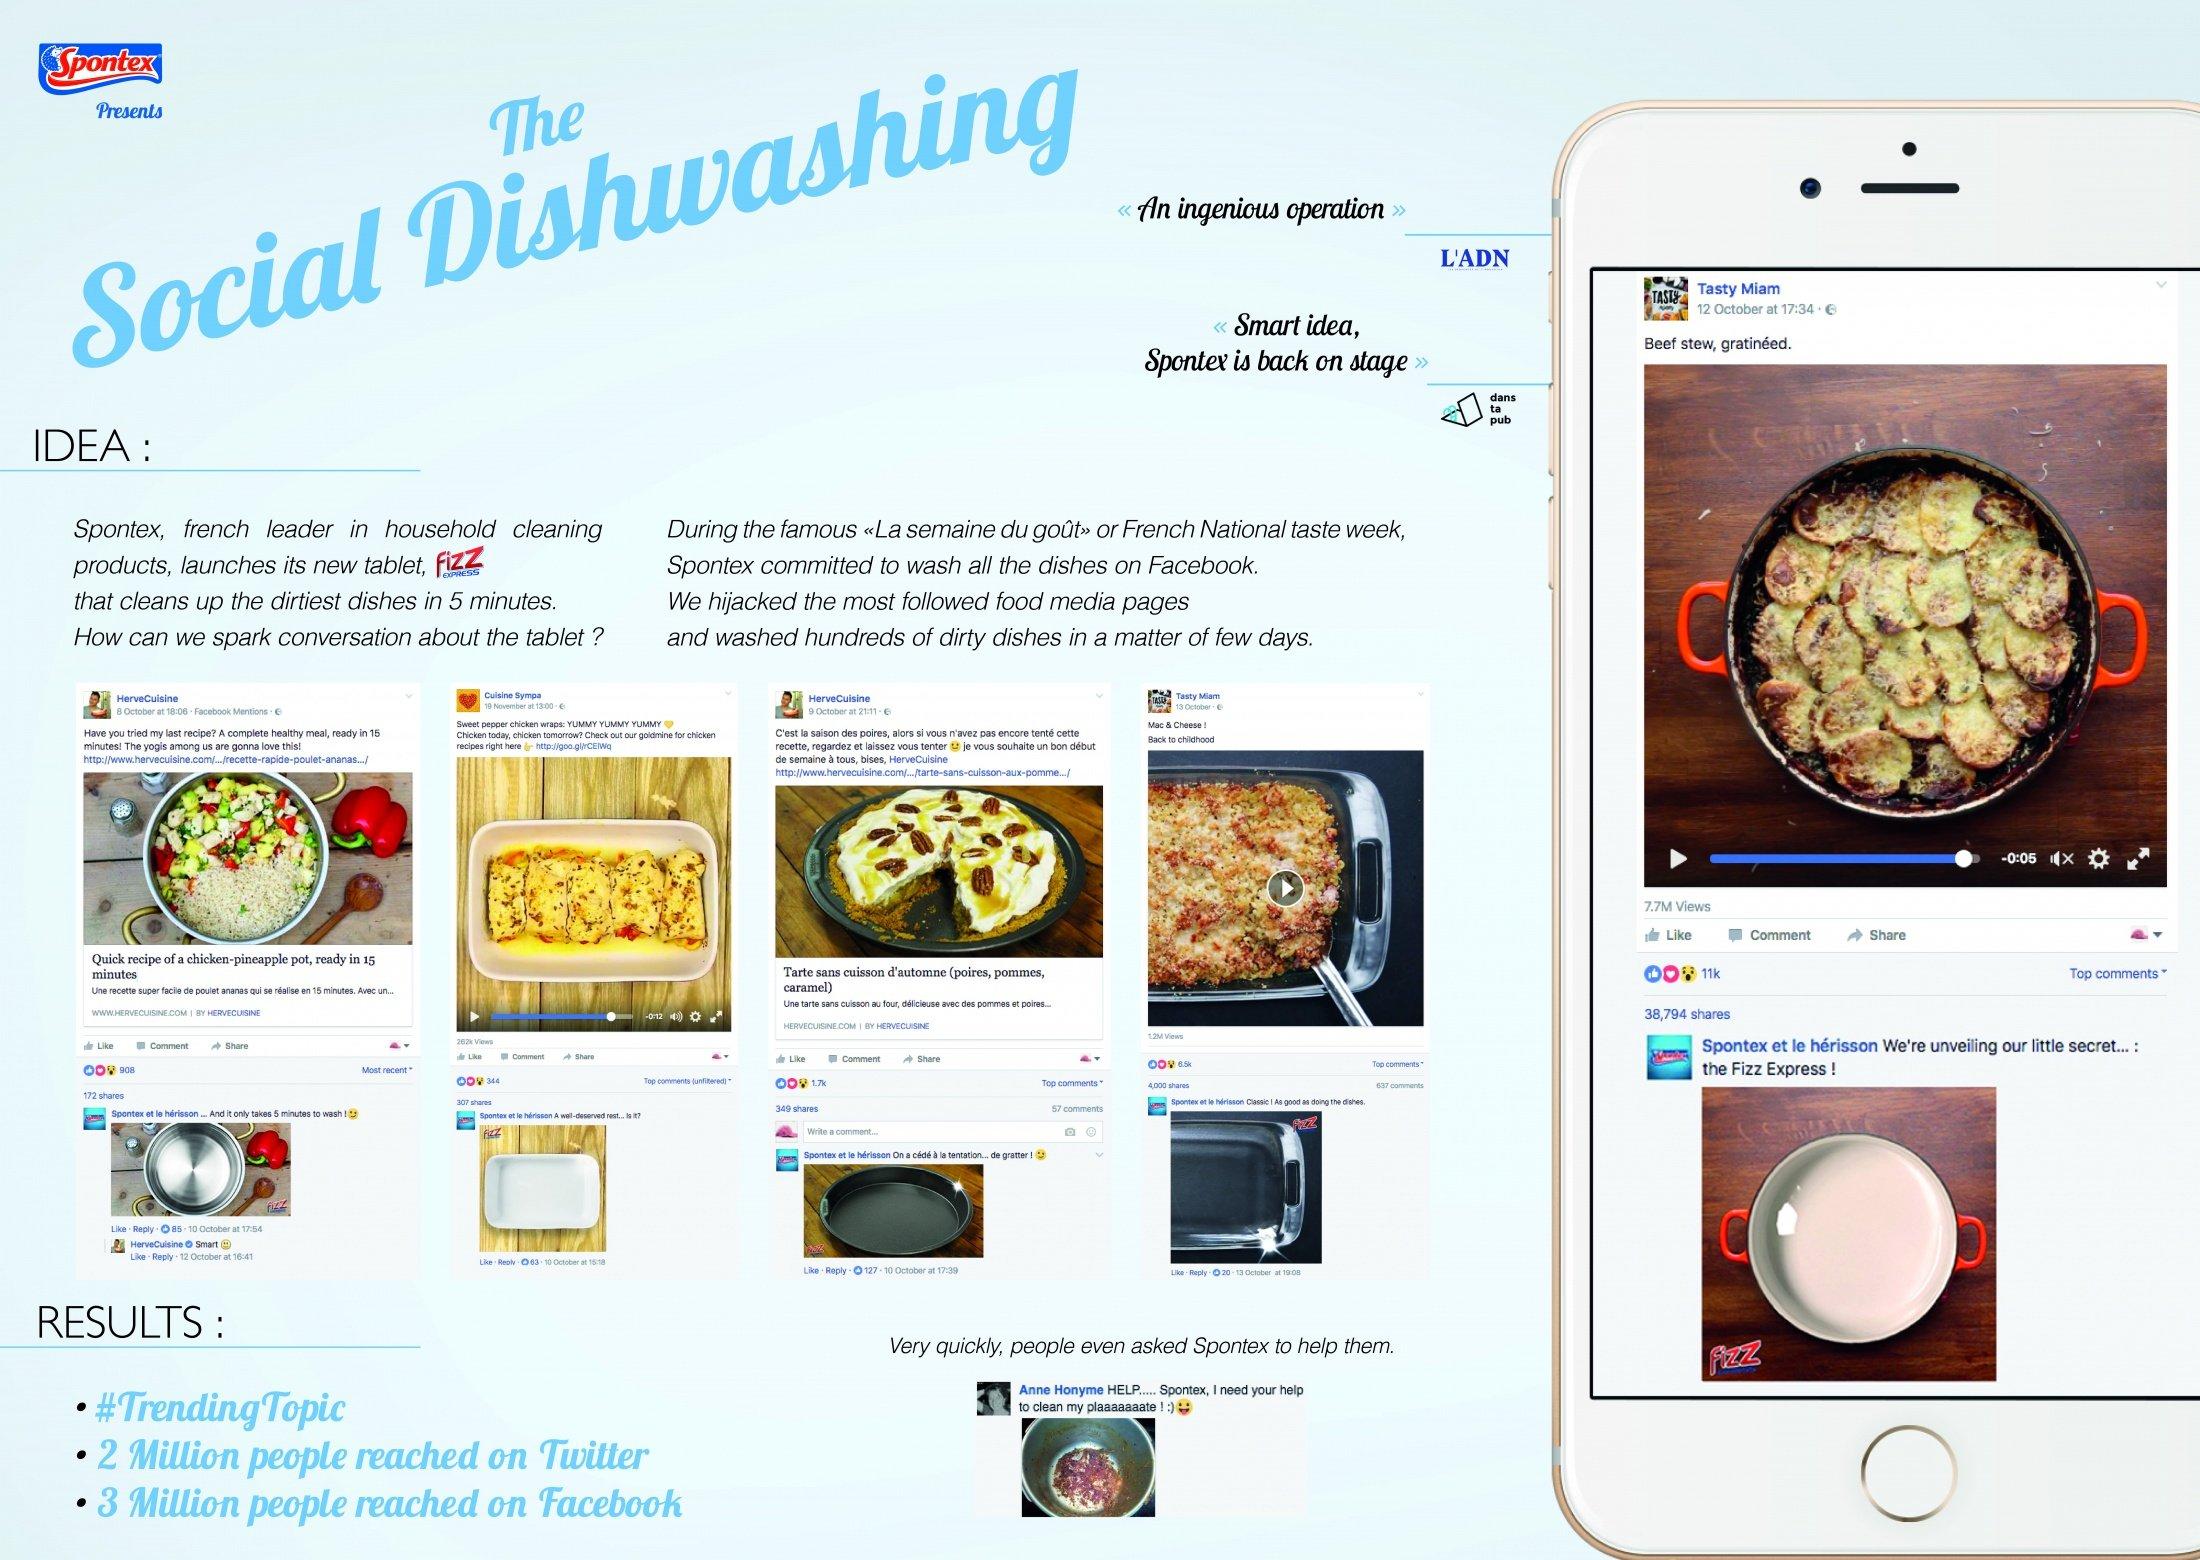 mapa-spontex-the-social-dishwashing-image-2000-72348.jpg